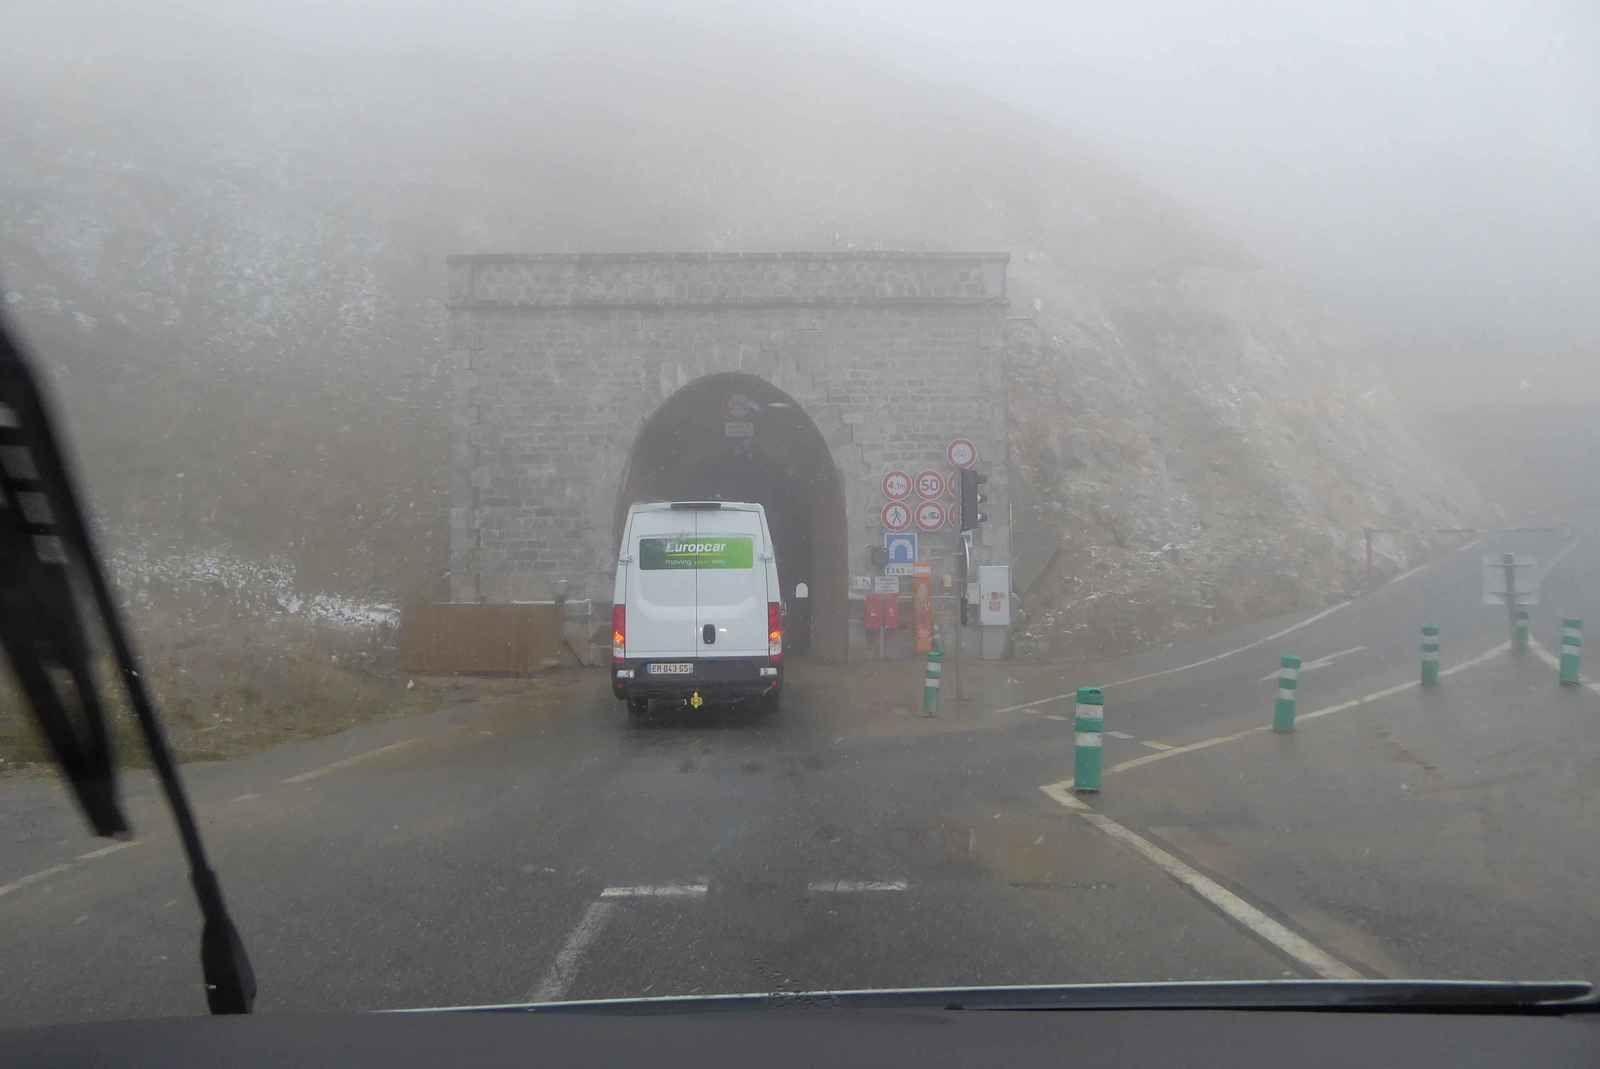 Nous voilà en haut du Galibier. La route qui conduit au sommet est fermée. On prend le tunnel long de 365 m réservé aux véhicules à moteur.